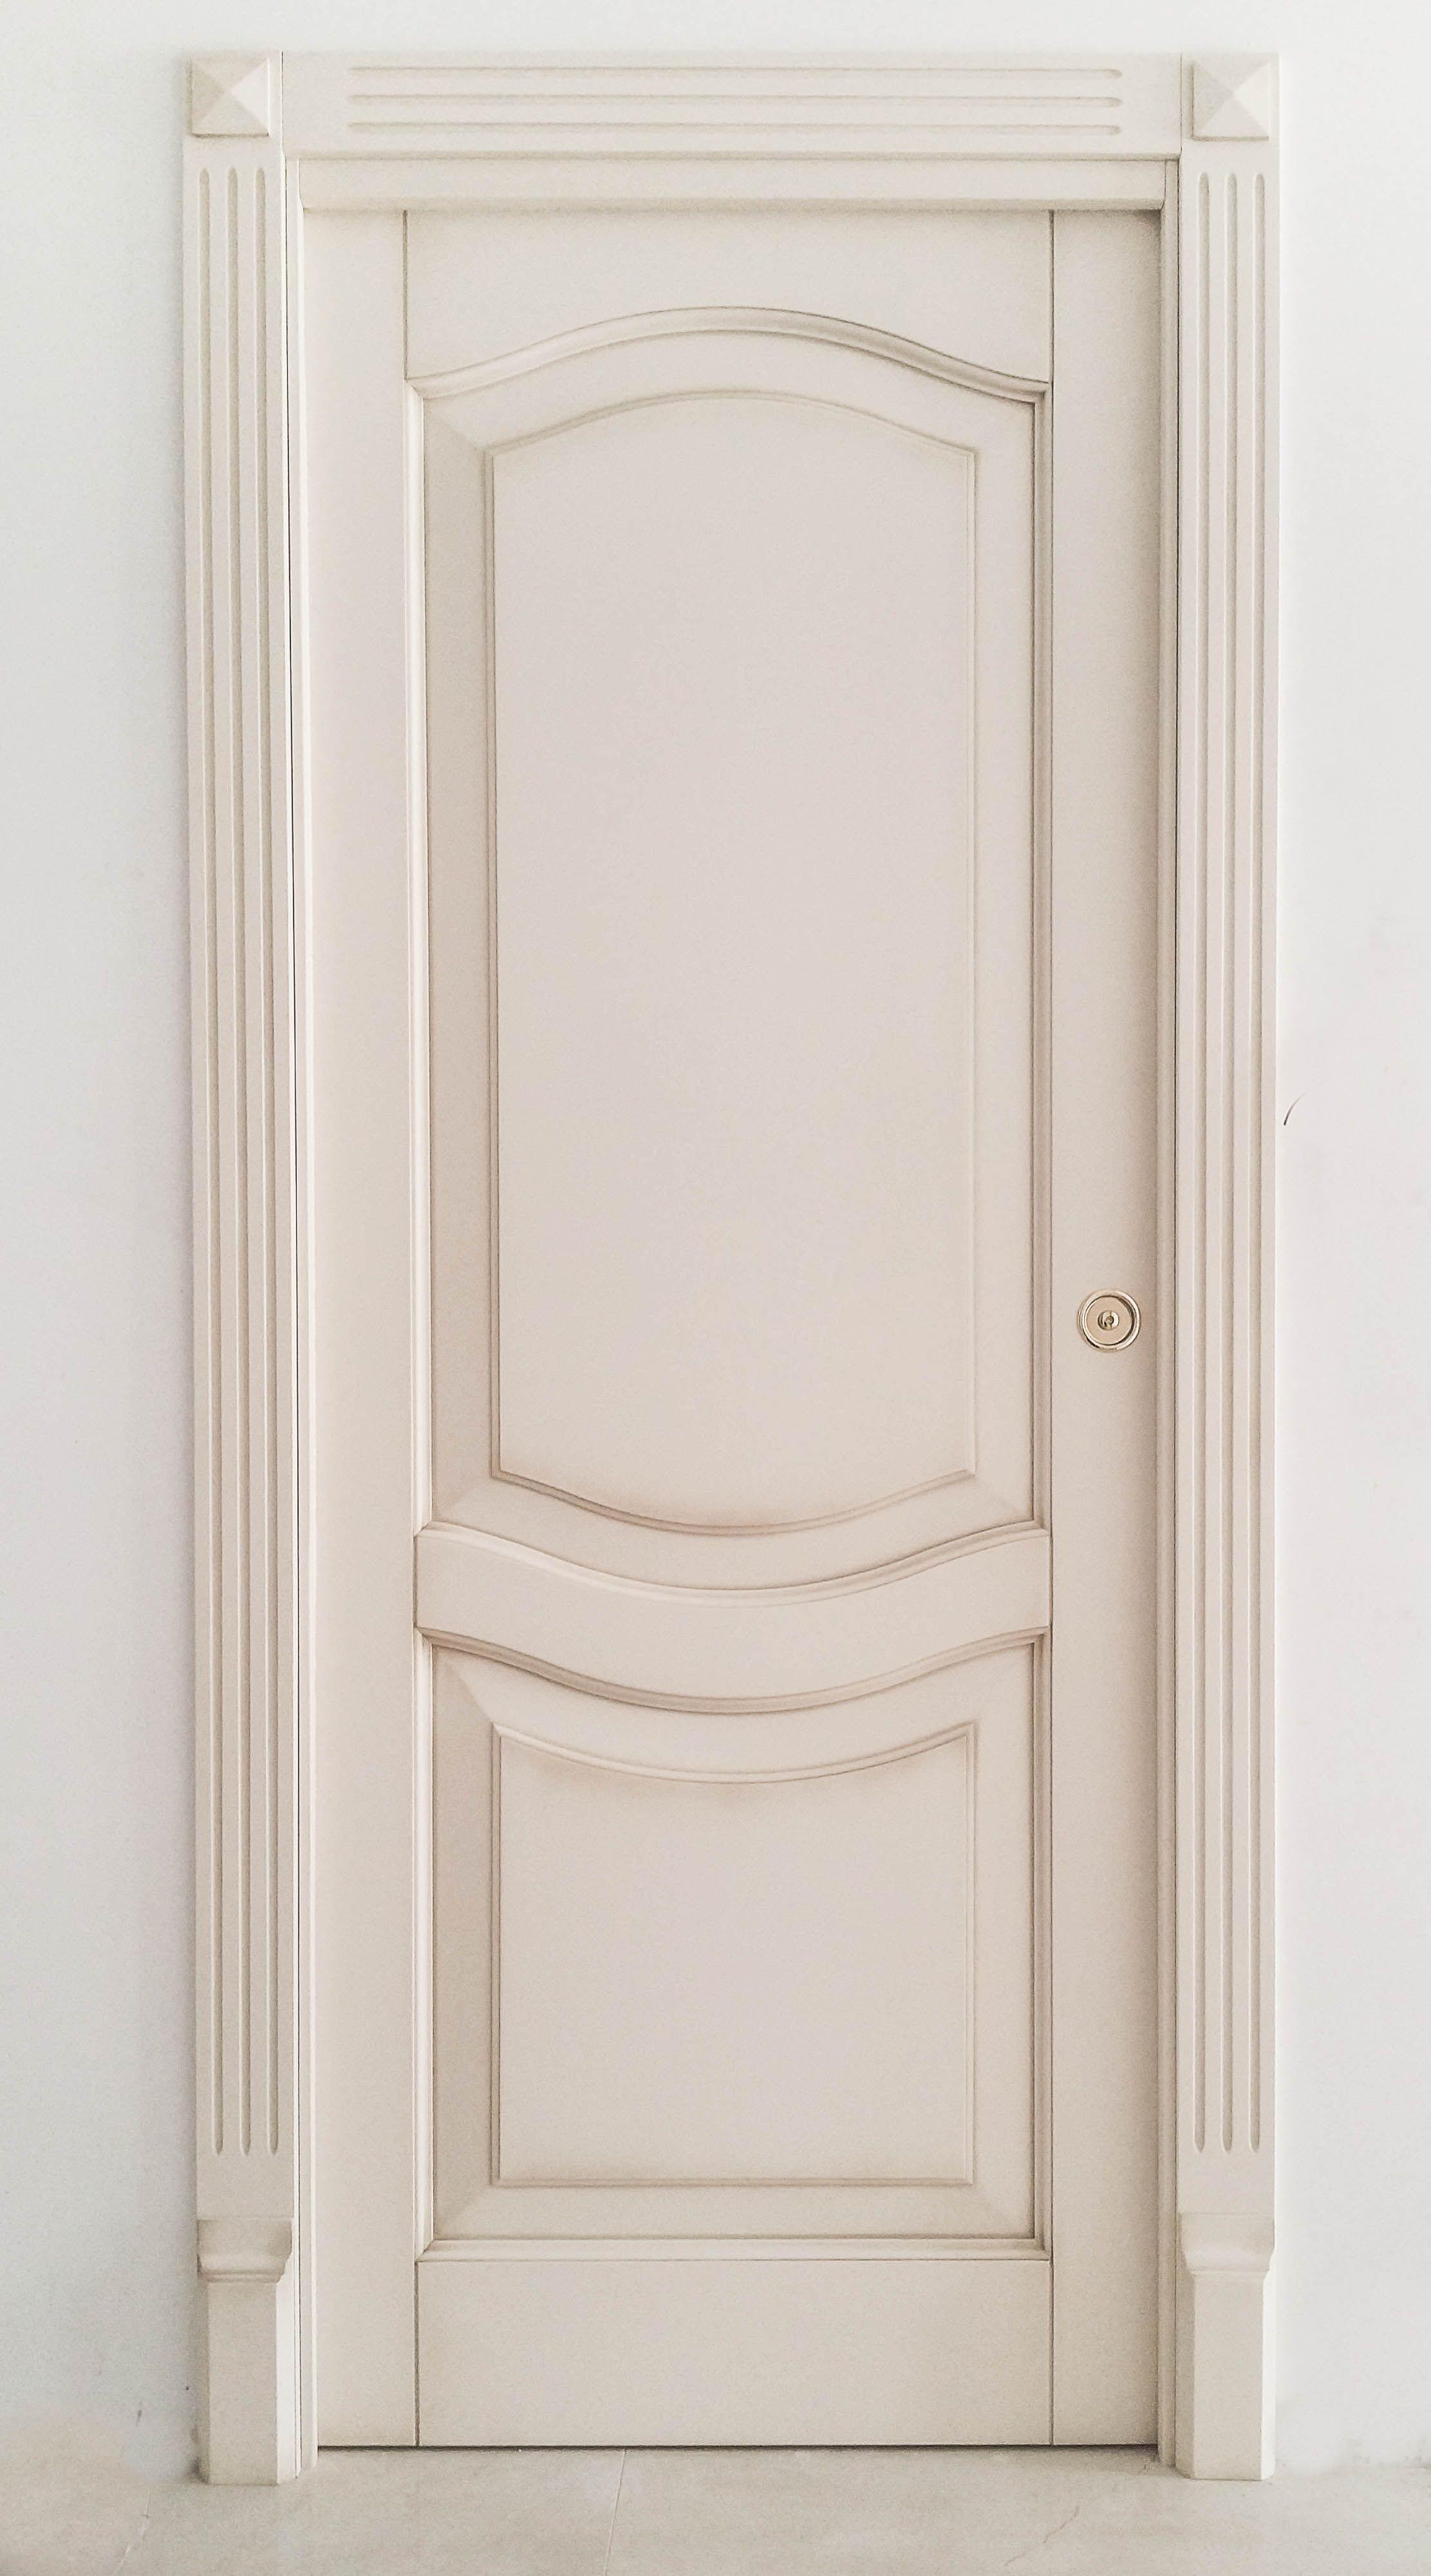 Porte Interne Color Ciliegio risultati immagini per porte interne classiche | interni